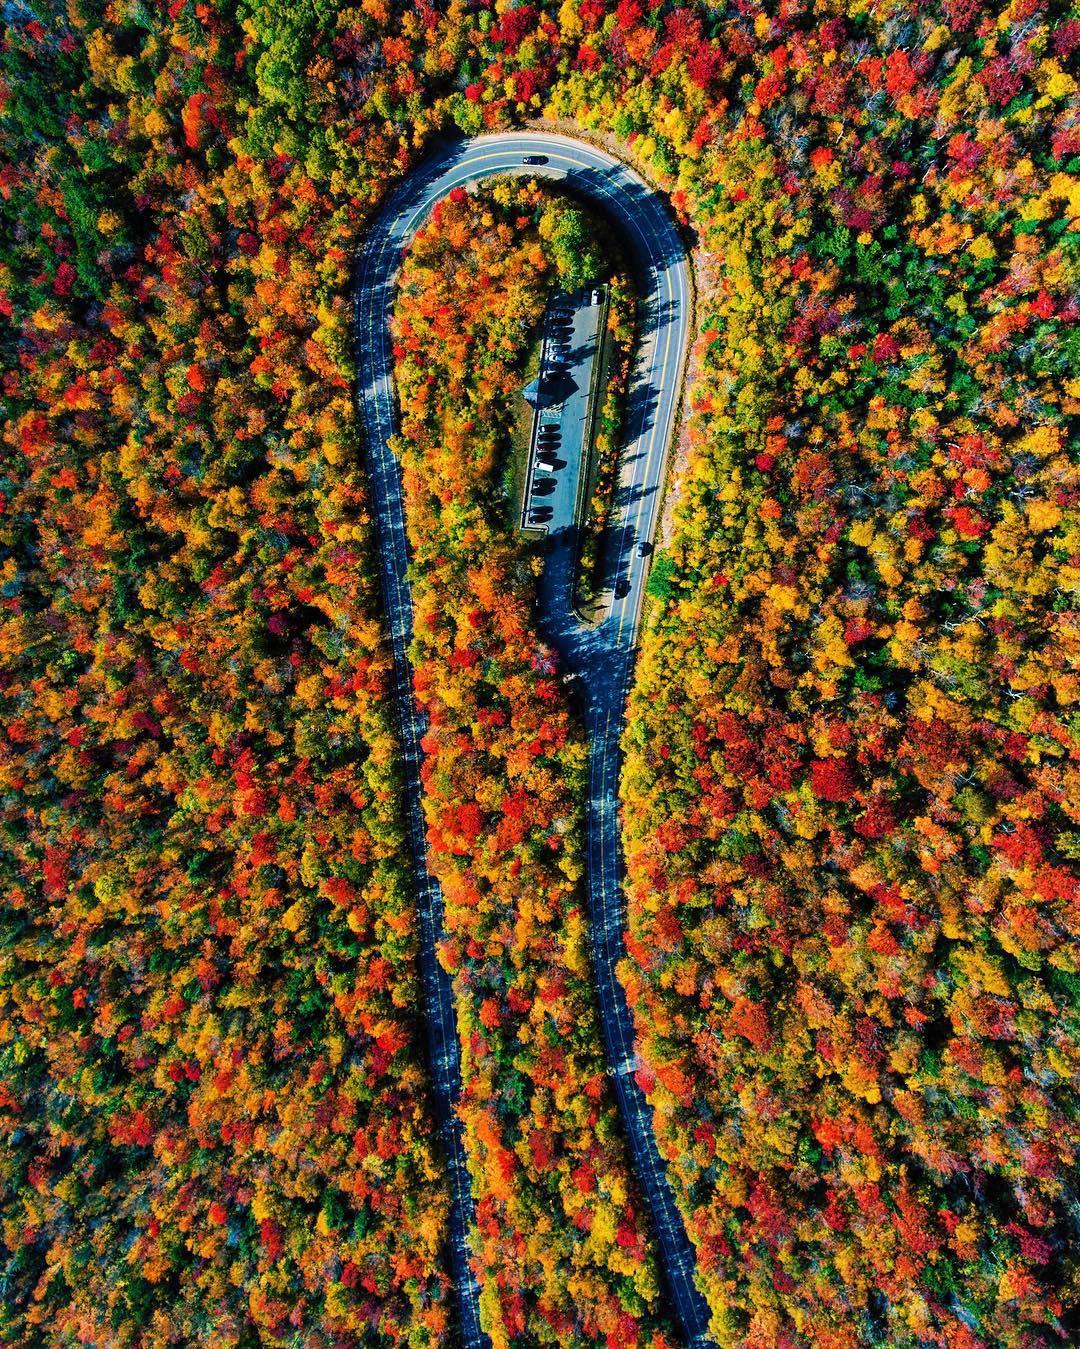 Ngắm phong cảnh đẹp đến ngoạn mục của những khu rừng vào mùa thu - Ảnh 1.